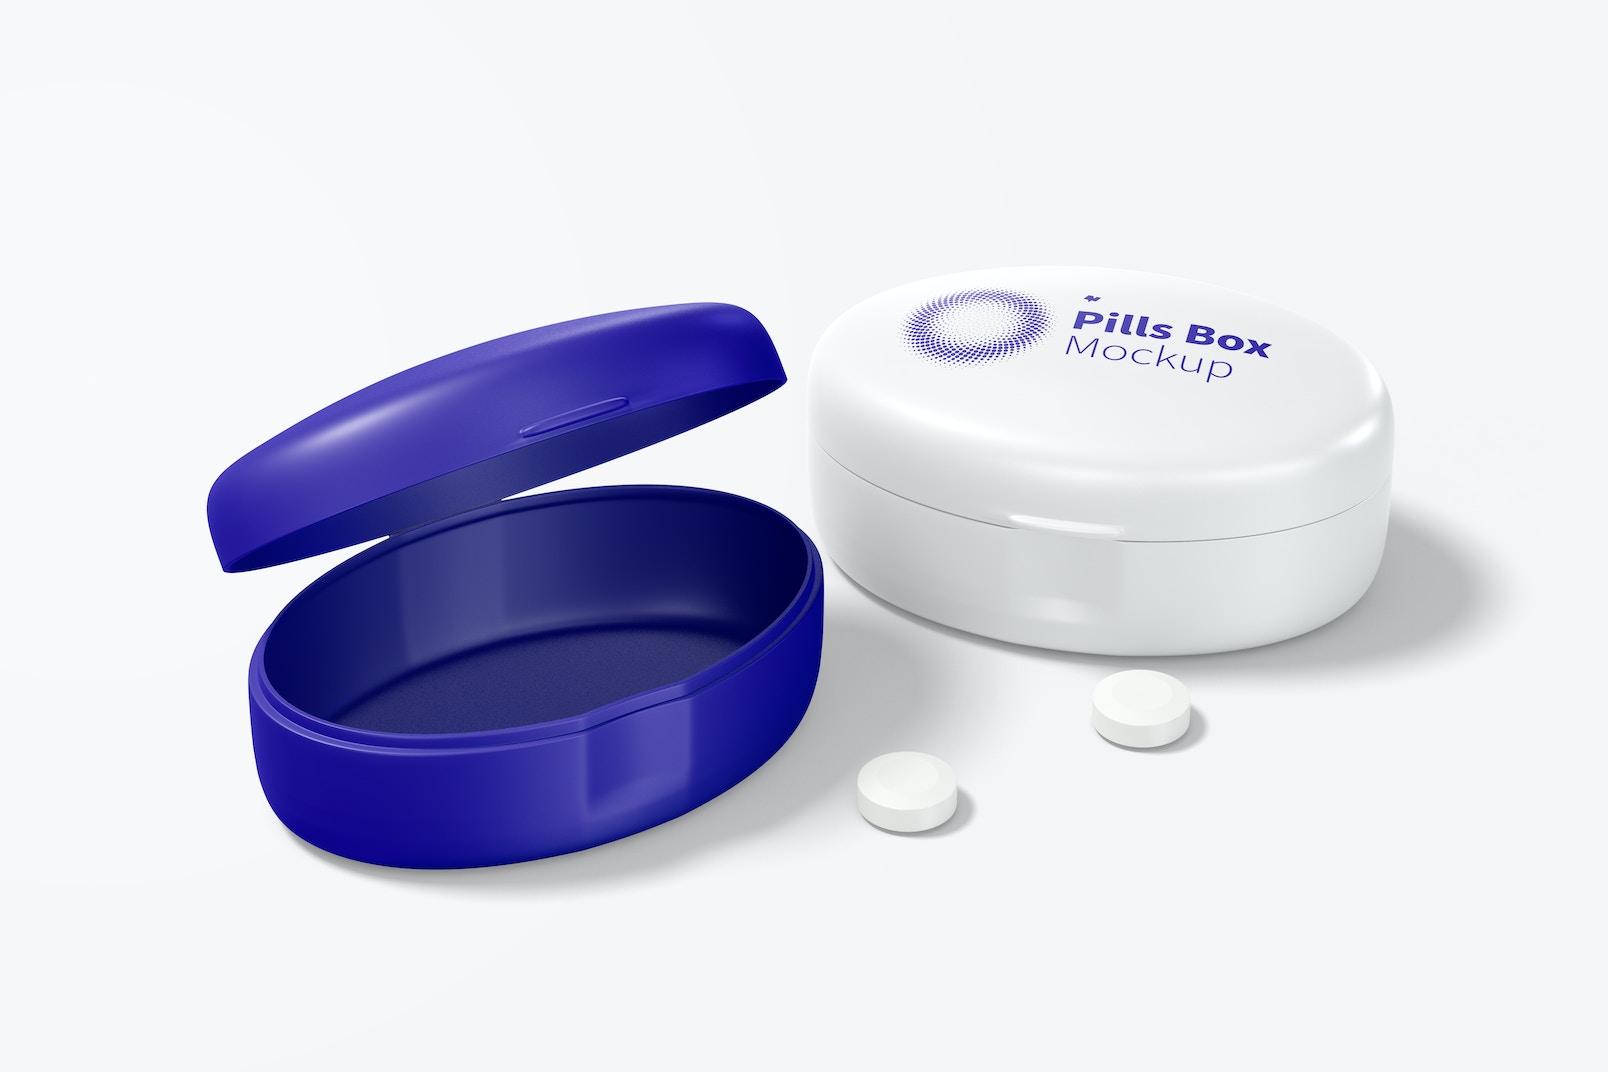 Oval Pills Box Mockup